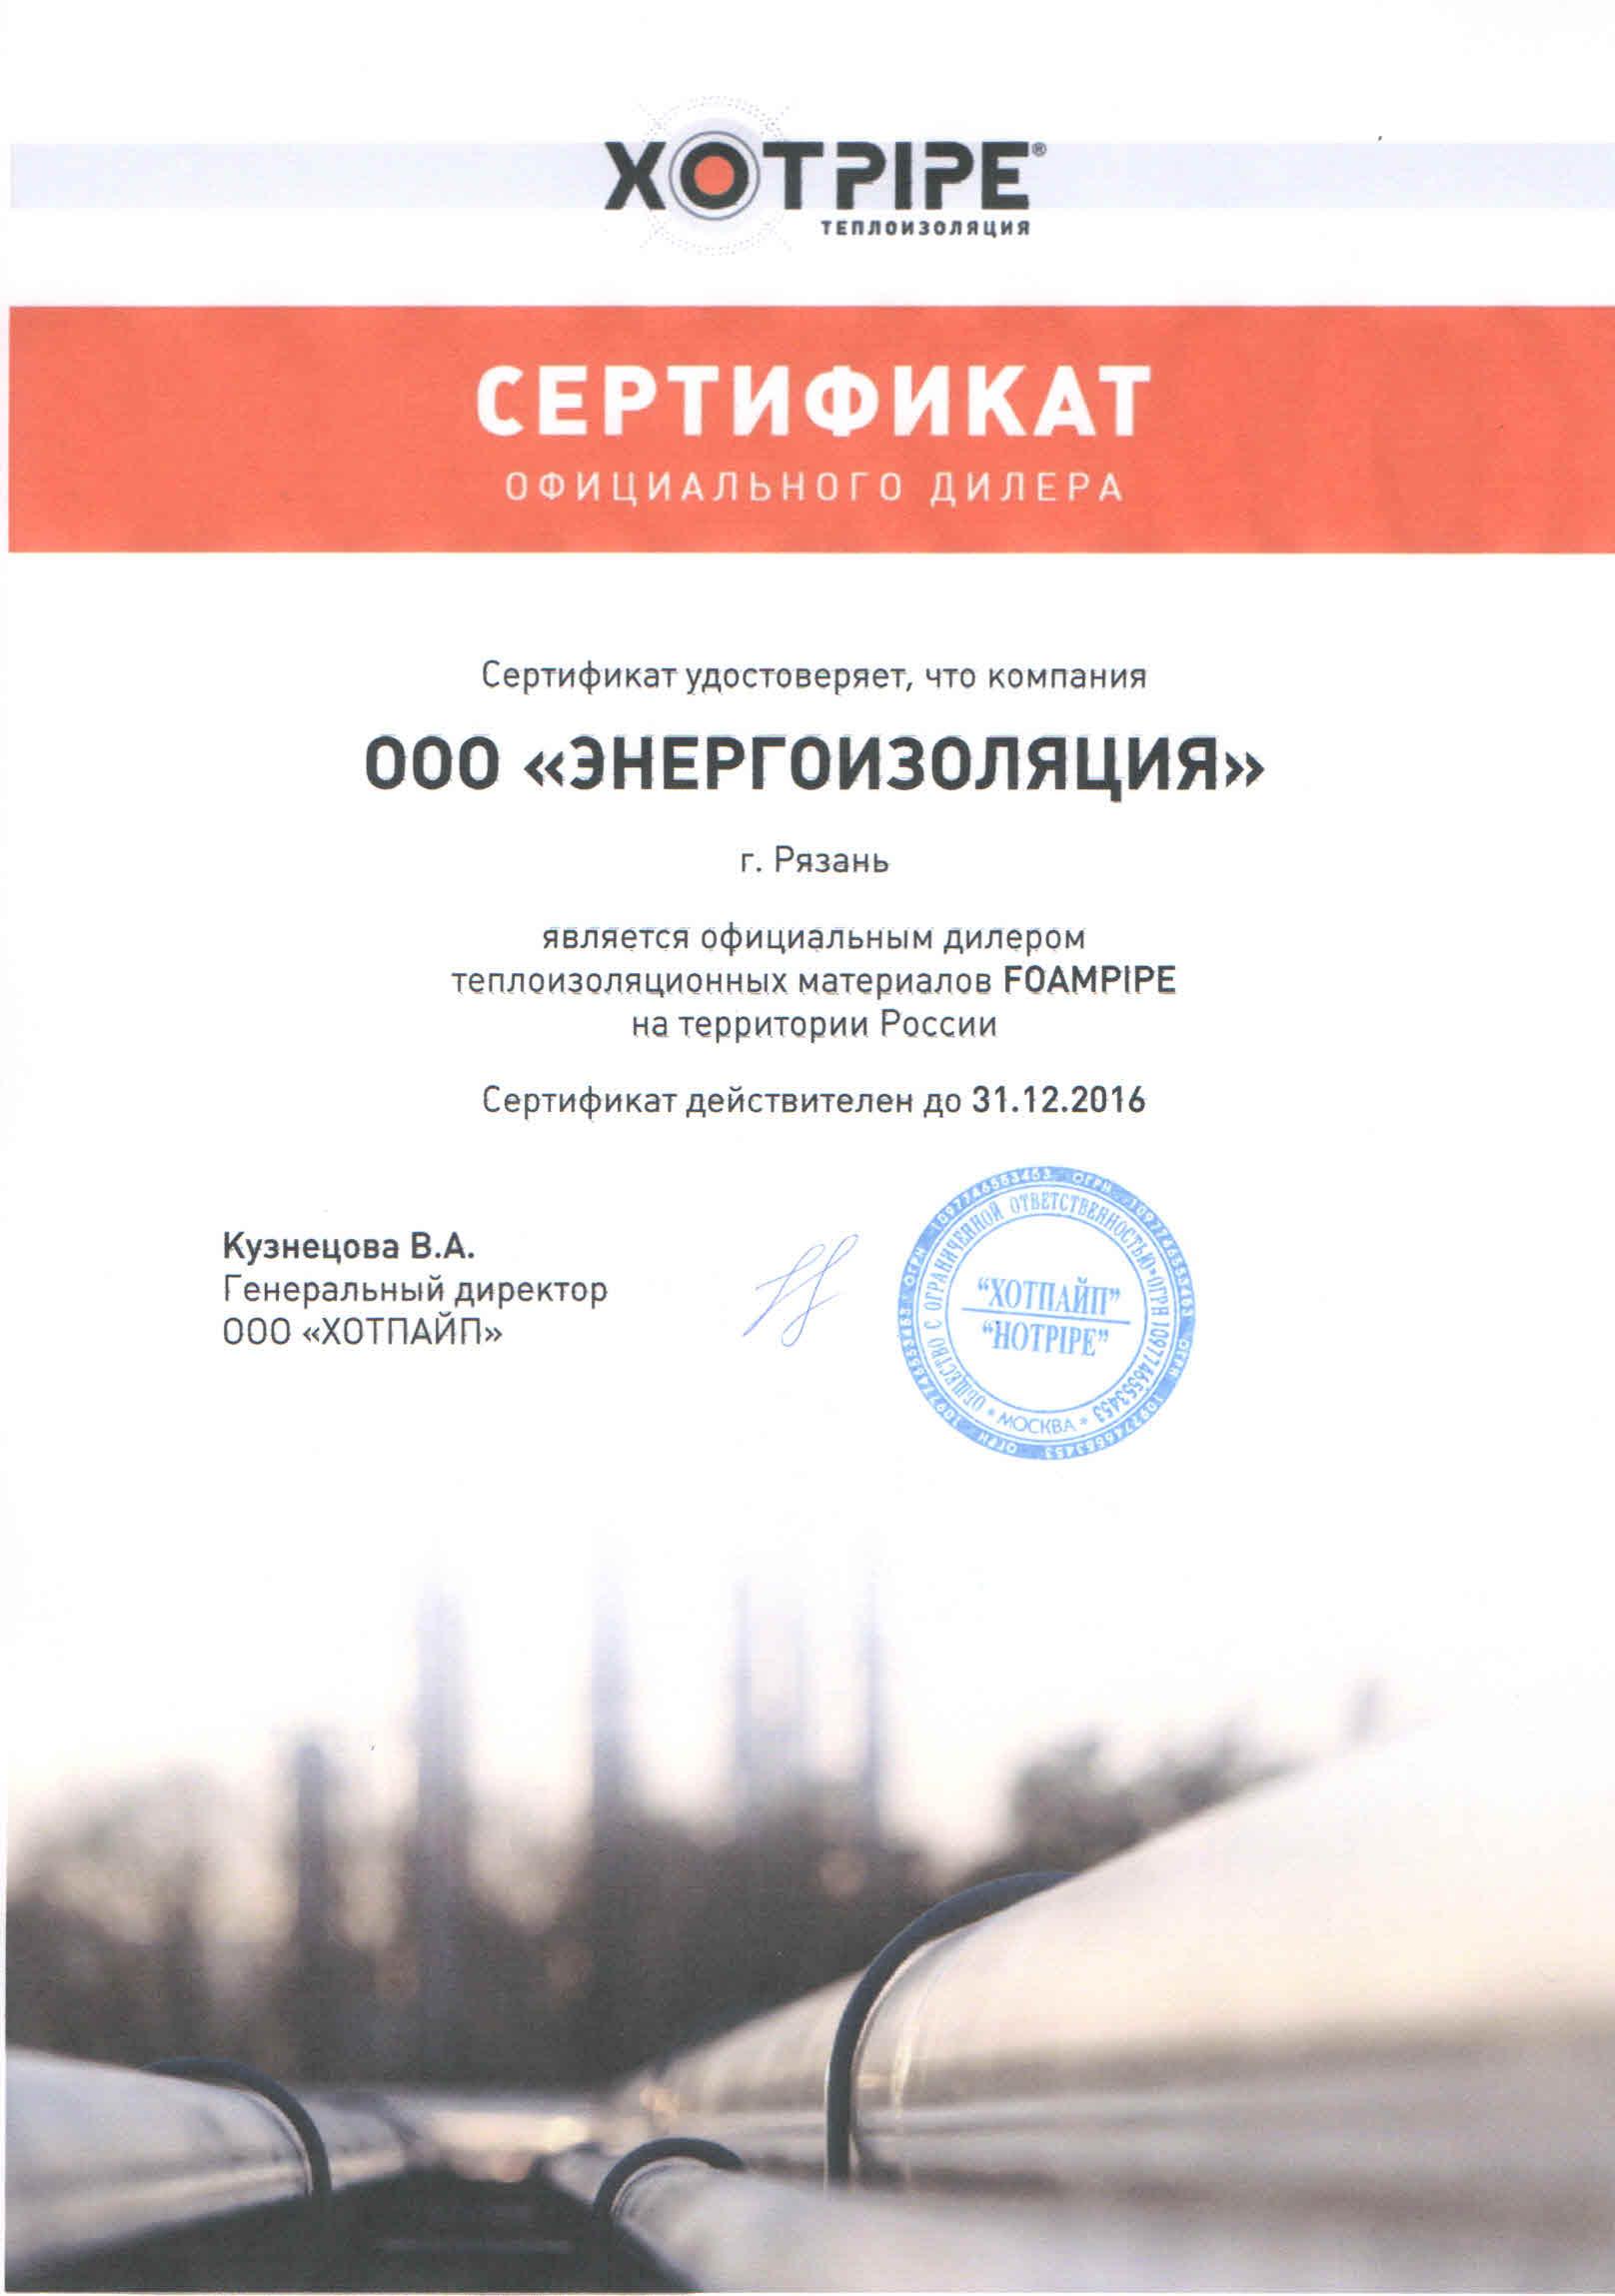 Сертификат официального дилера Foampipe - Компания ЭнергоИзоляция